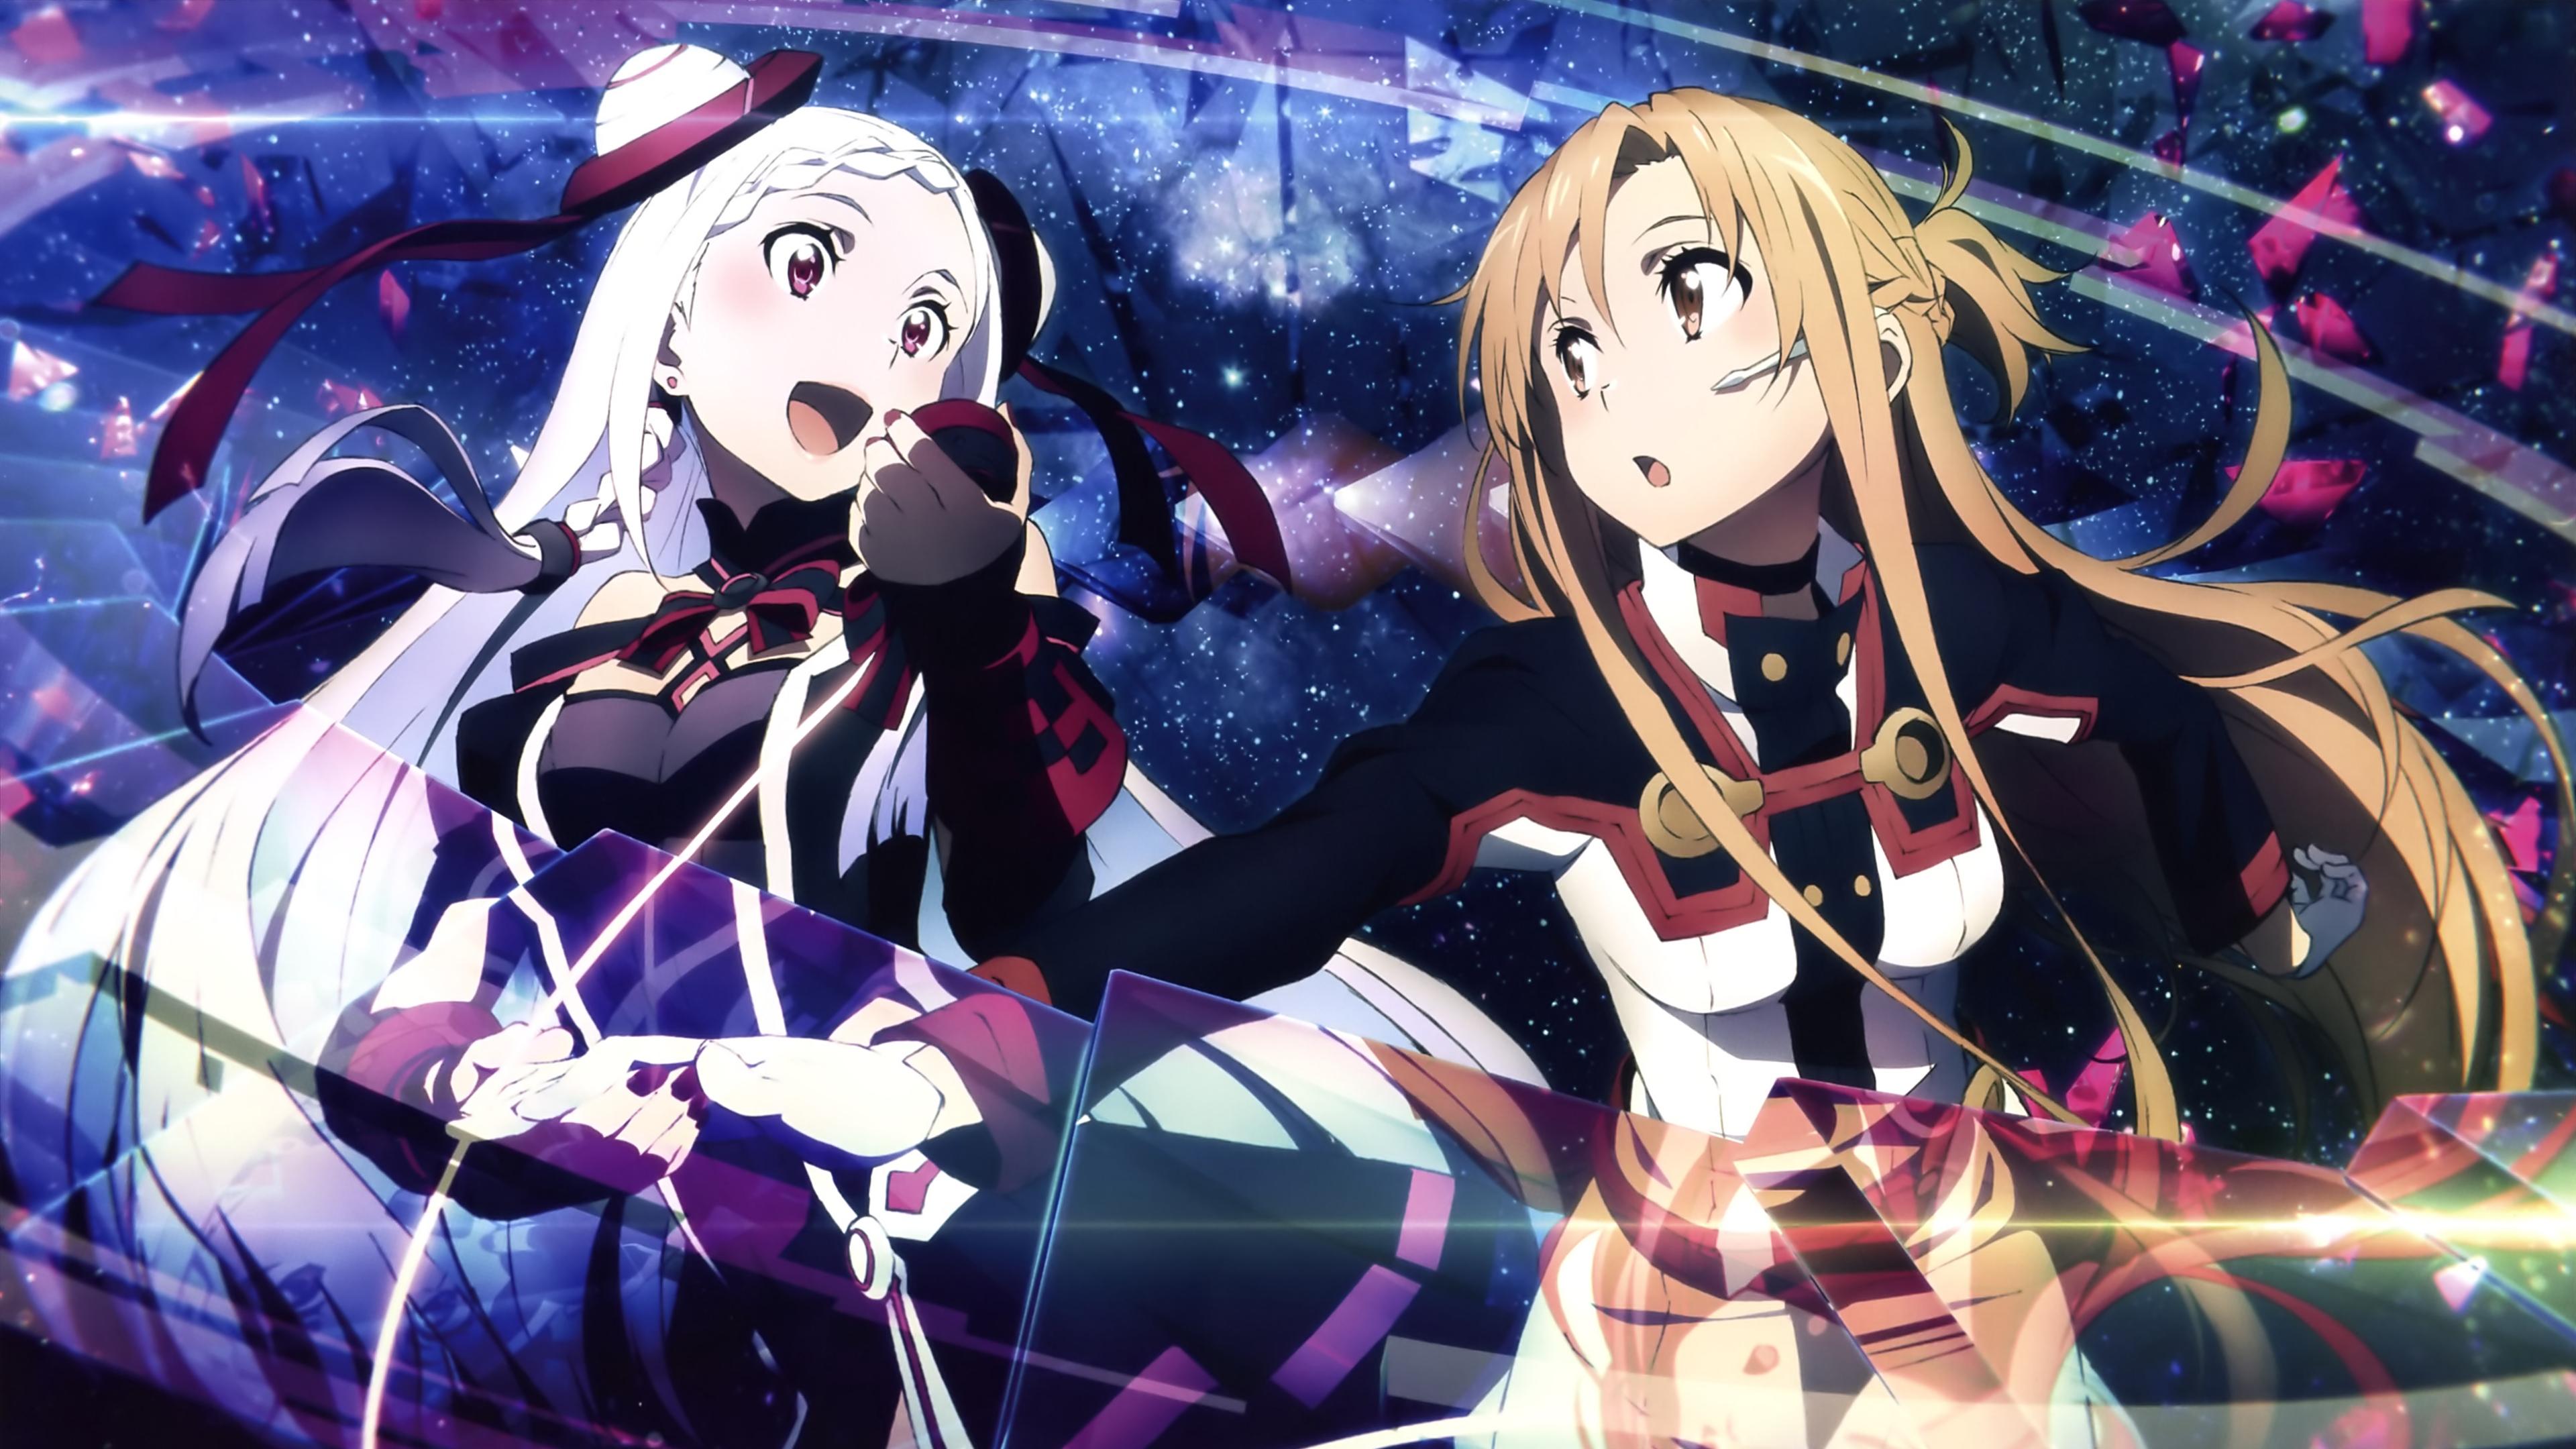 劇場版 SAO《歌姫》ユナ&アスナ【4K壁紙】超高画質(3840×2160